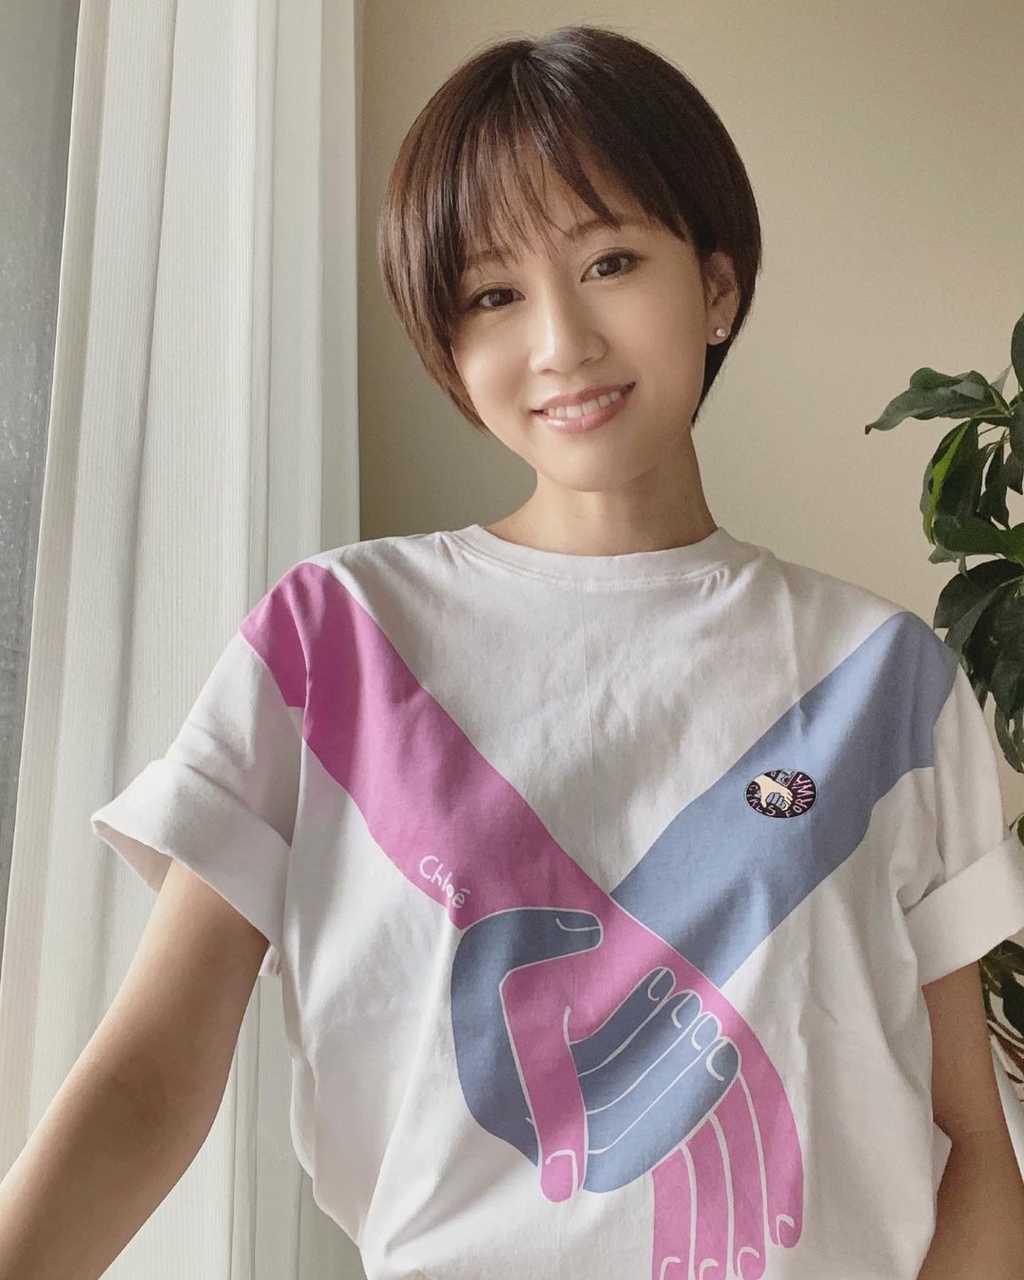 前田敦子、無造作な髪とキュートな笑顔に「かわいい」の声が止まらない